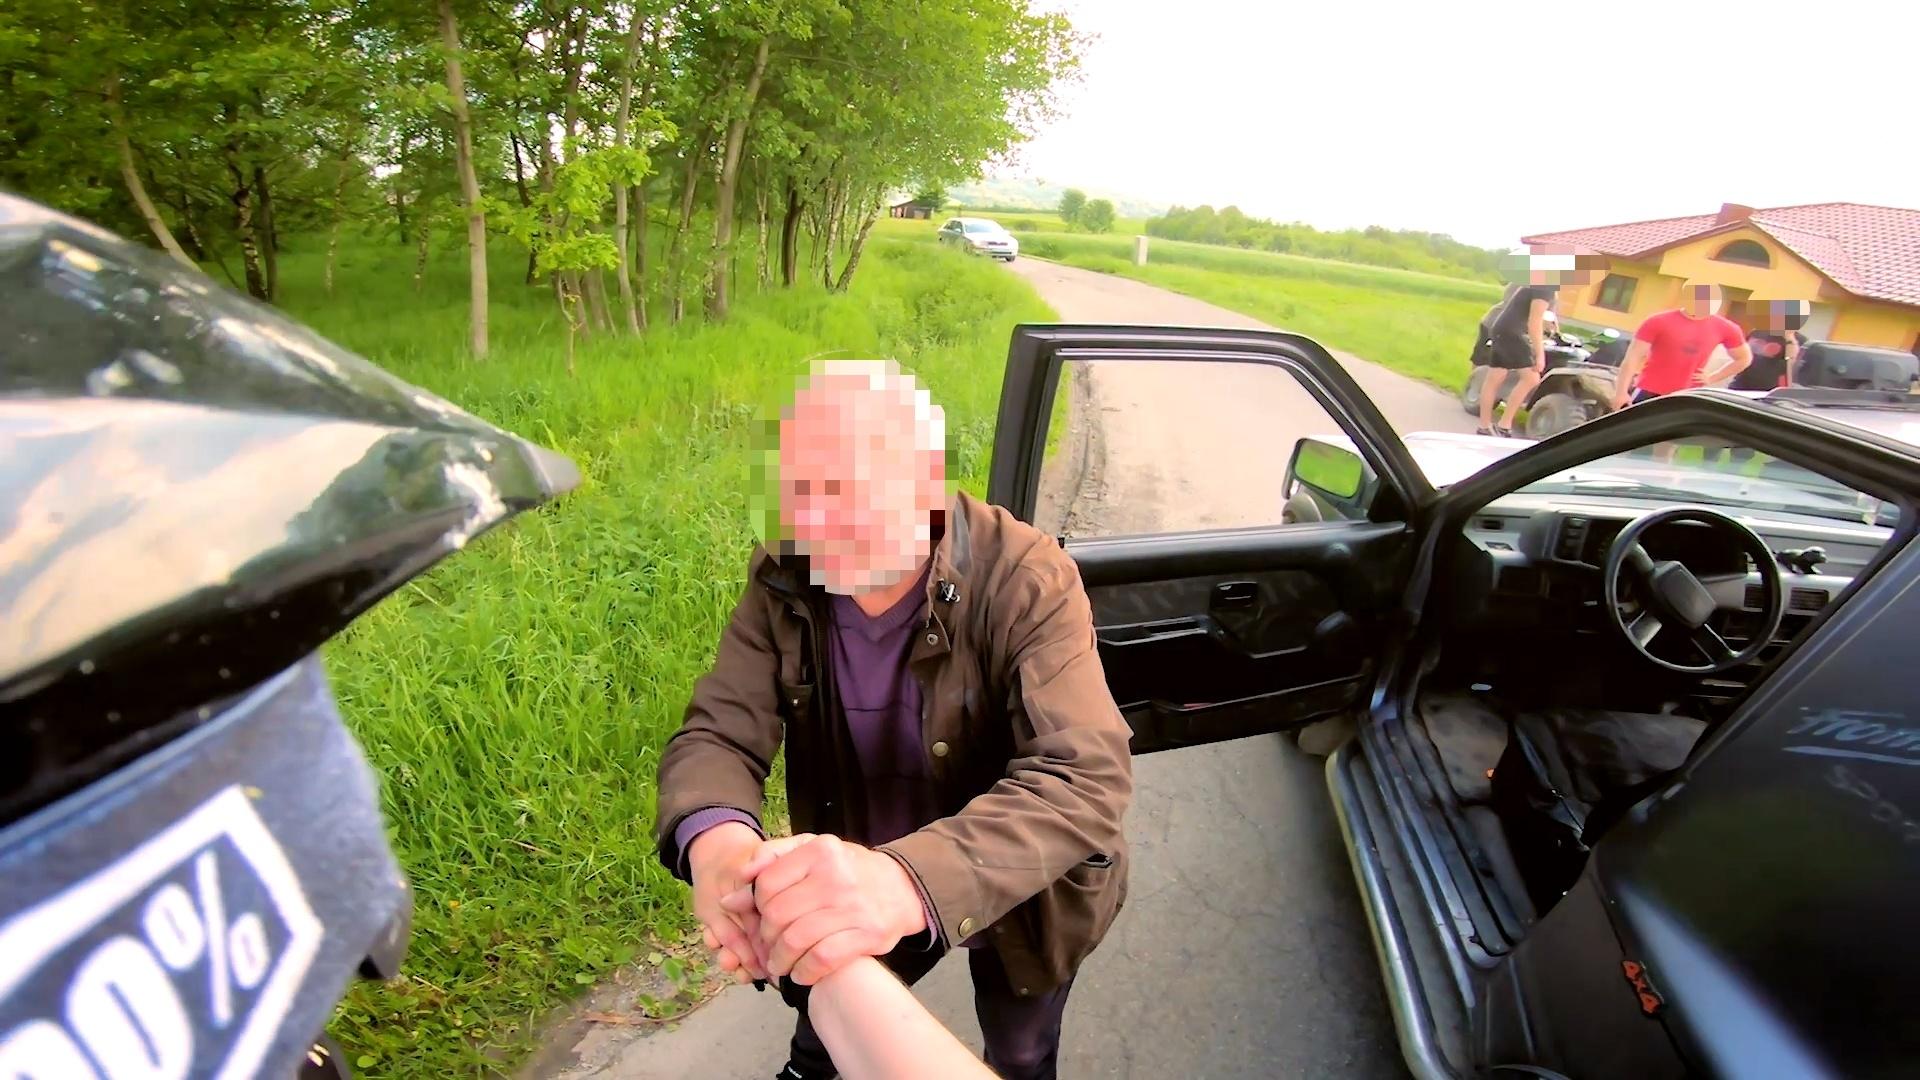 Obywatelskiego zatrzymania pijanego kierowcy dokonał mieszkaniec Kolbuszowej [ZDJĘCIA   WIDEO] - Zdjęcie główne